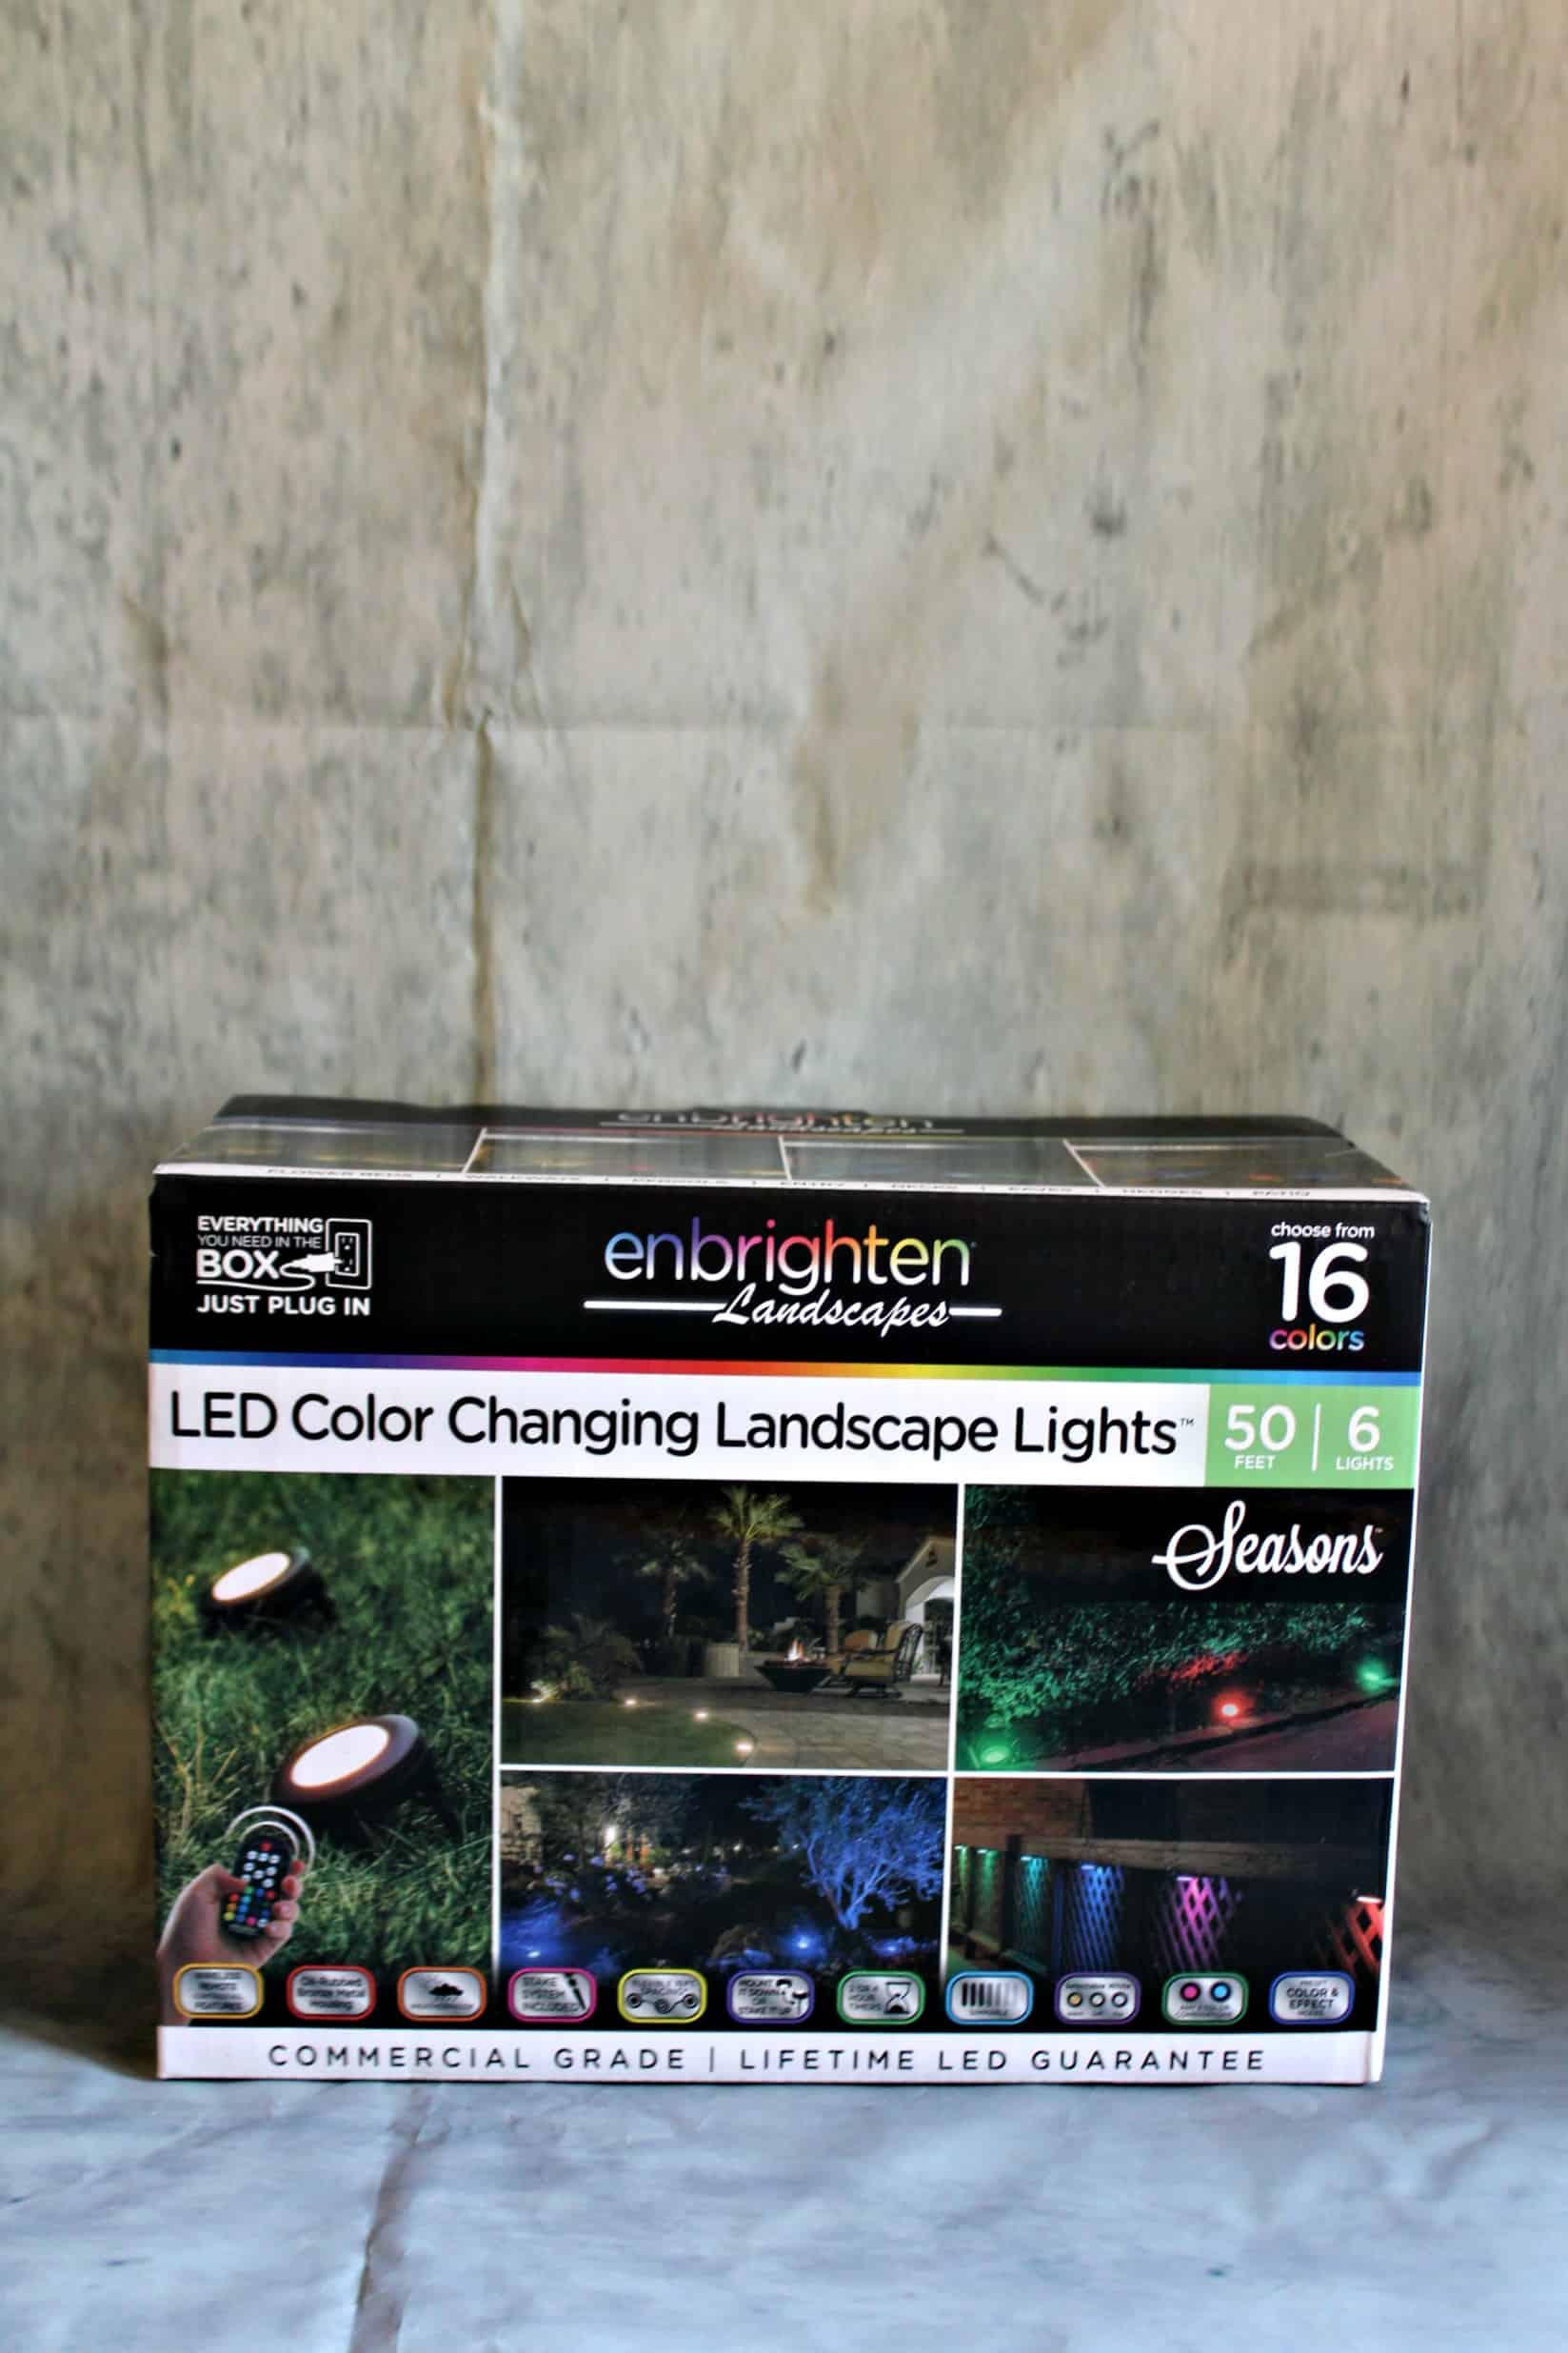 The Enbrighten LED Color Changing Landscape Lights